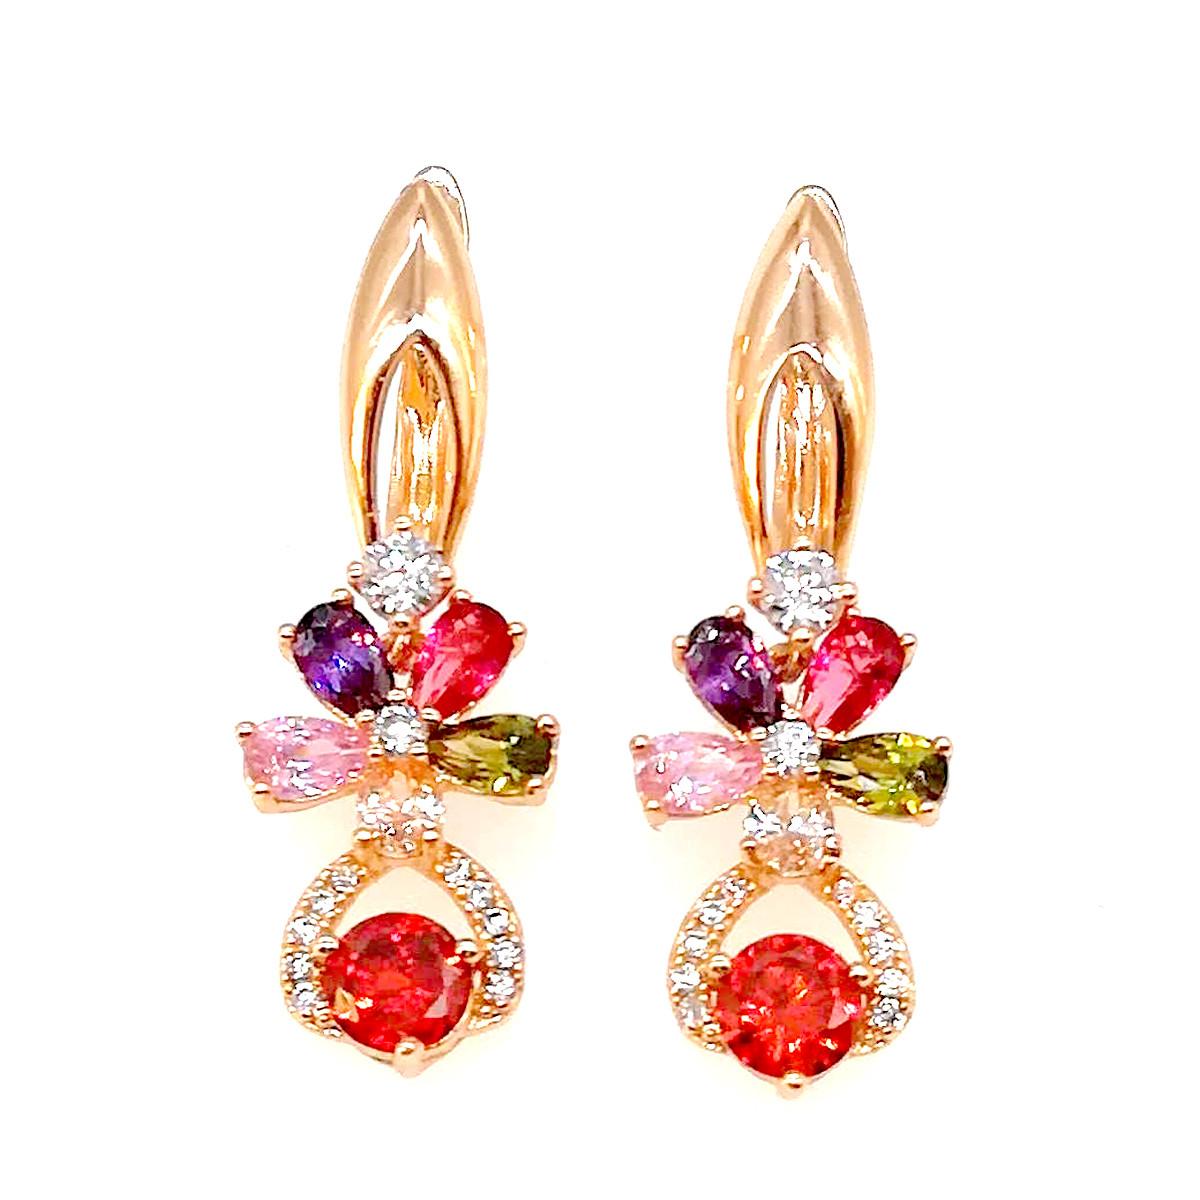 Сережки Xuping з медичного золота, червоні, рожеві, фіолетові, оливкові і білі фіаніти, позолота 18К, 23165 (1)